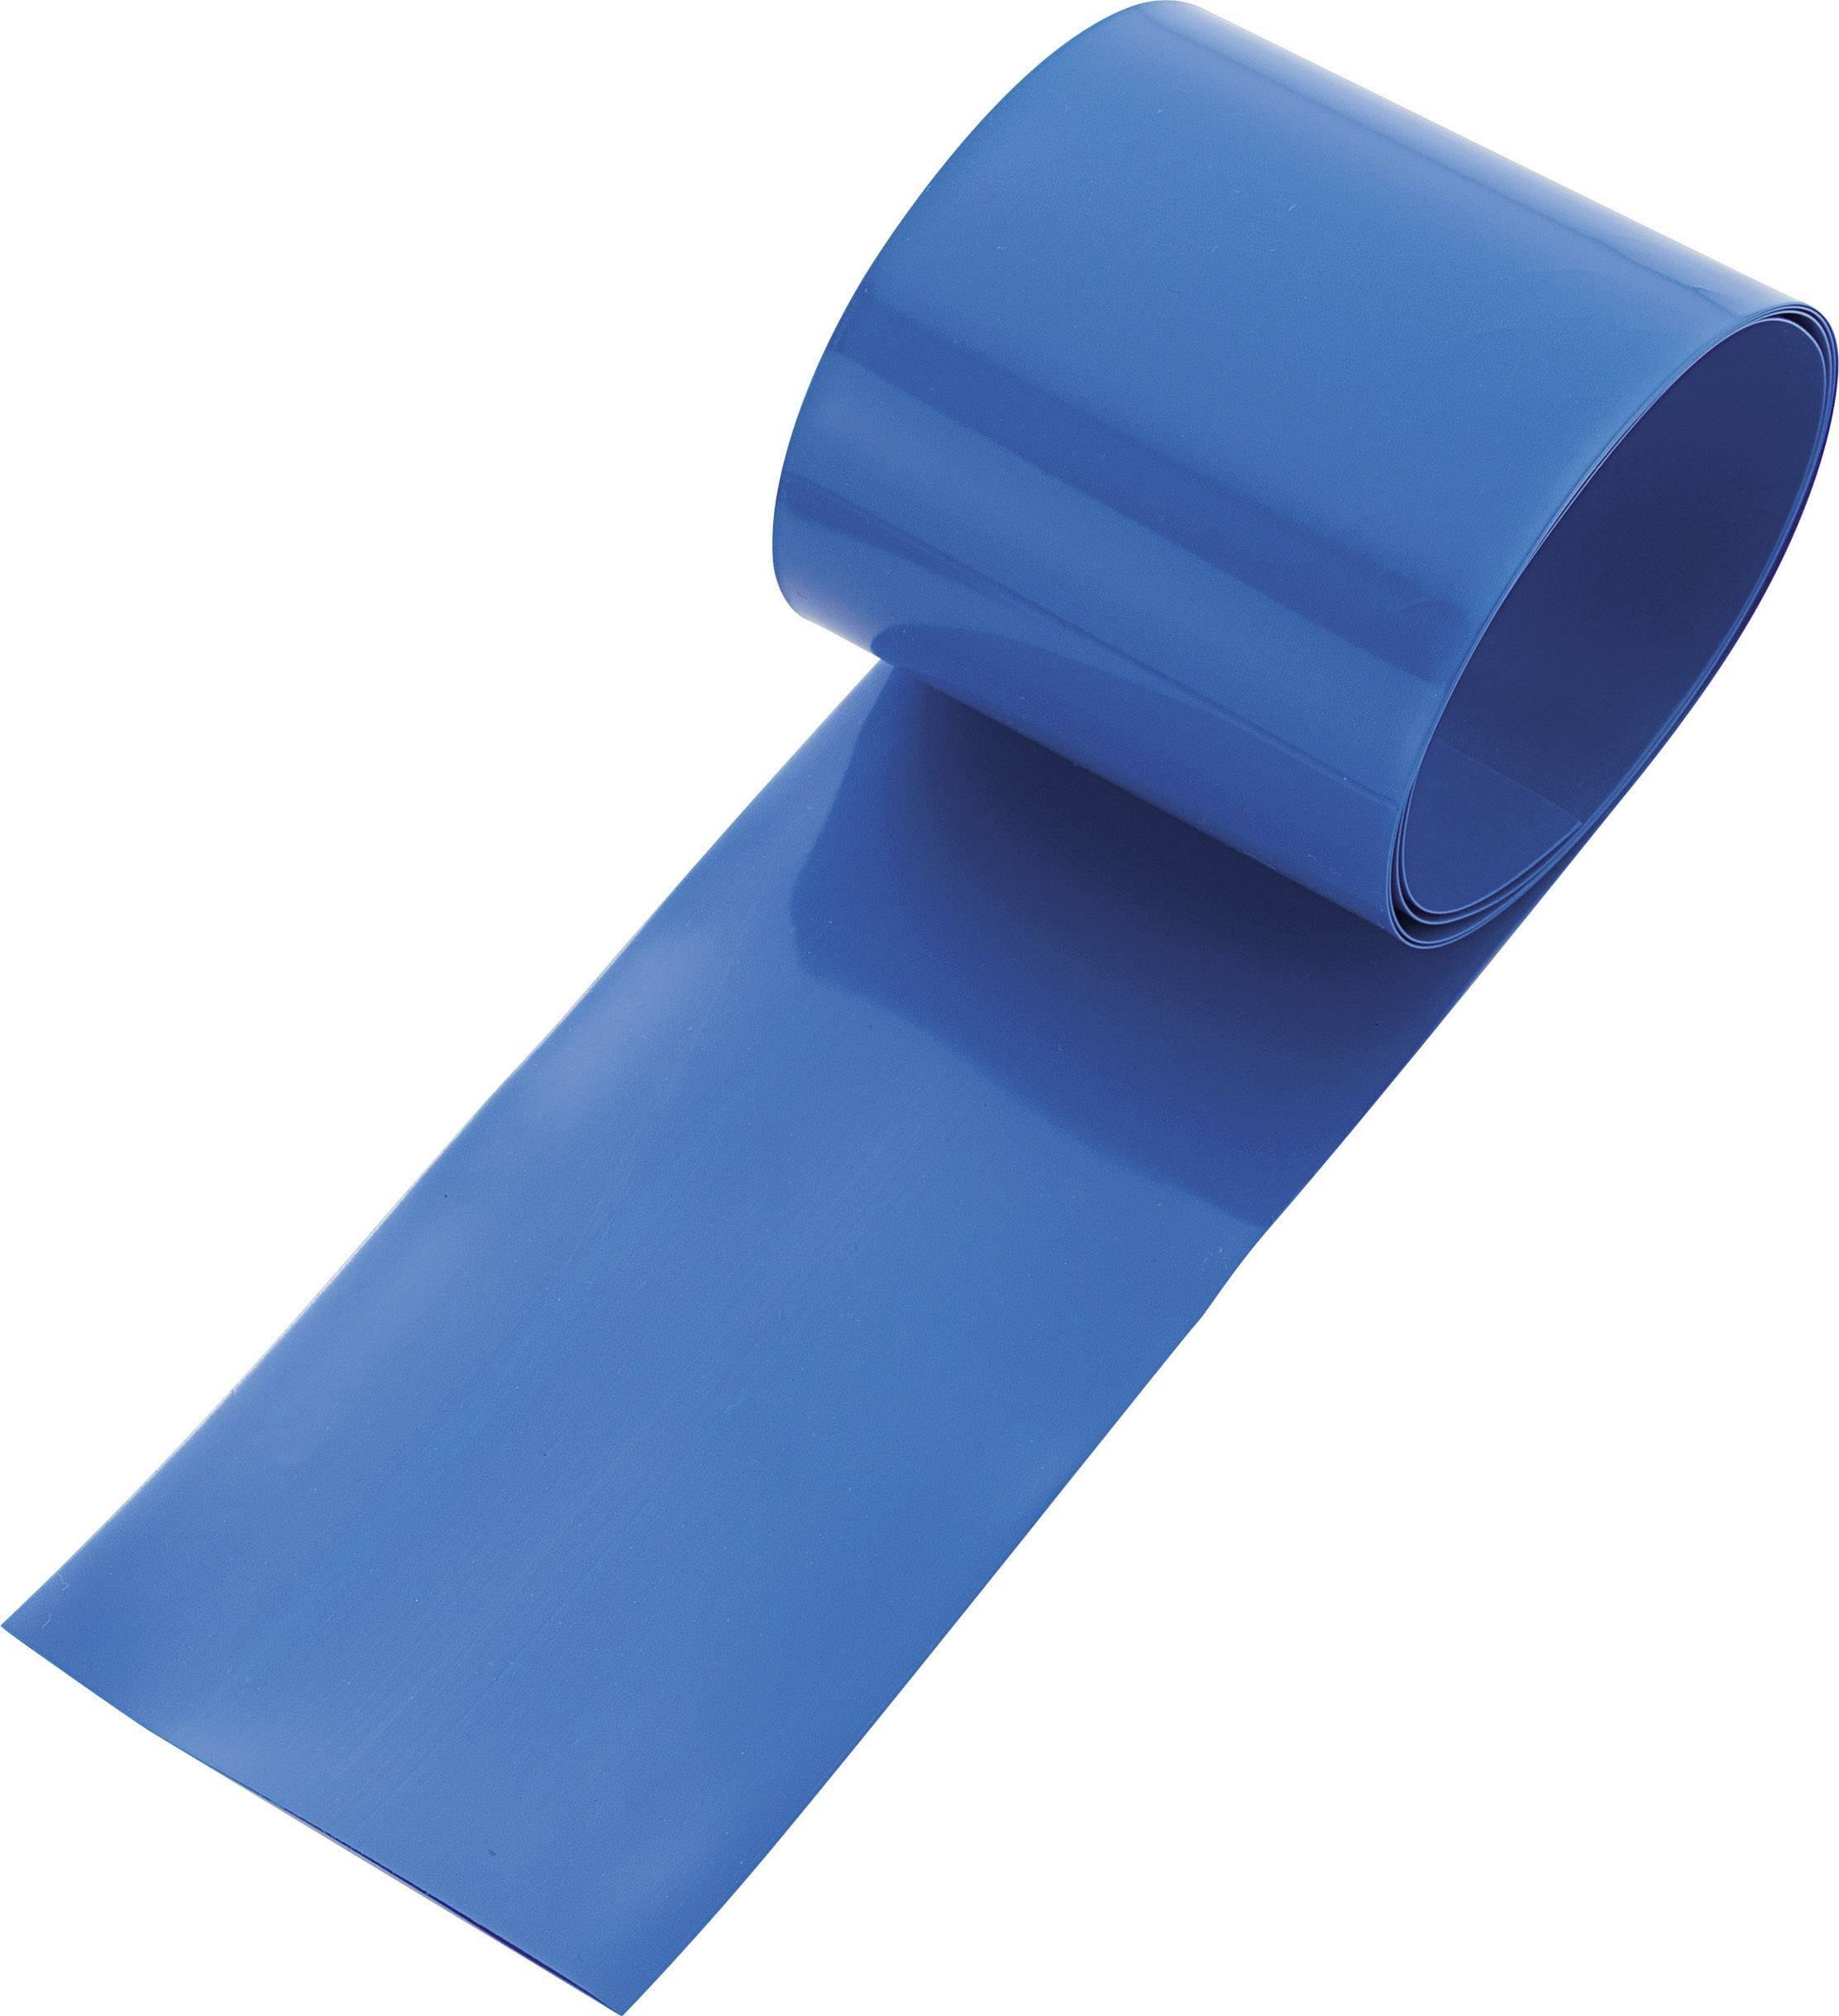 Zmršťovacia bužírka na akumulátory, bez lepidla TRU COMPONENTS 93014c88c, 48 mm, modrá, 1 ks